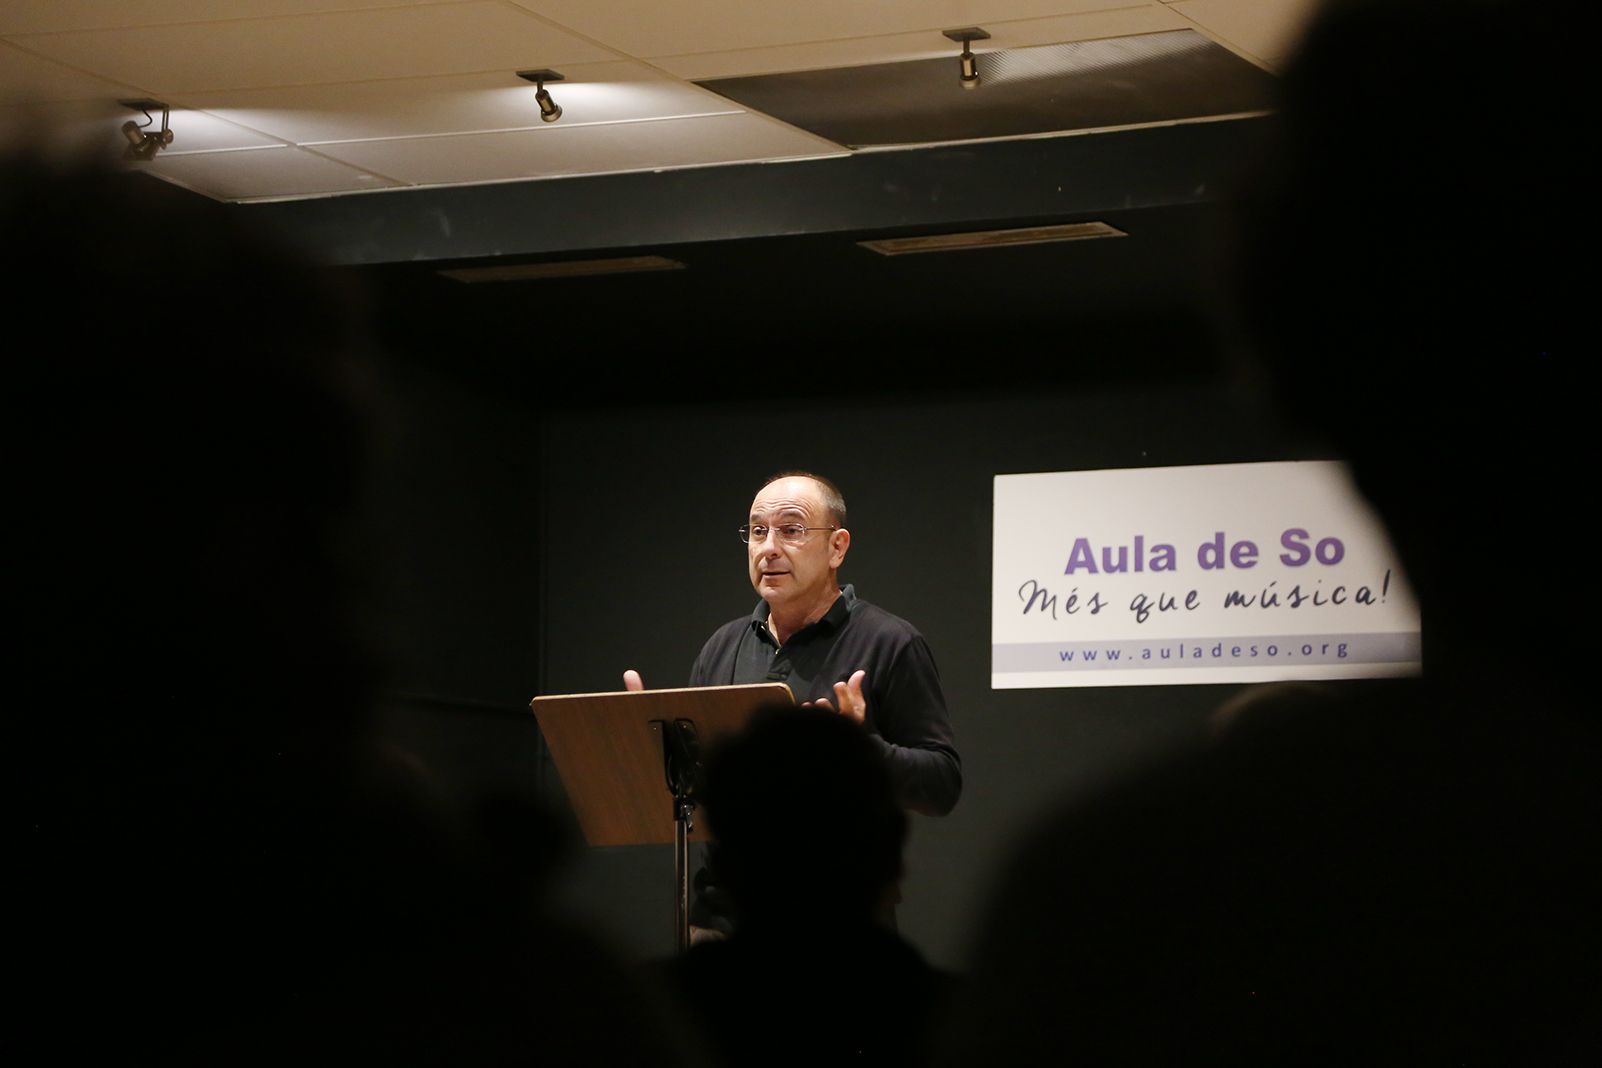 Concert benèfic en suport de Petits Músics del Món a l'Aula de So. FOTO: Anna Bassa